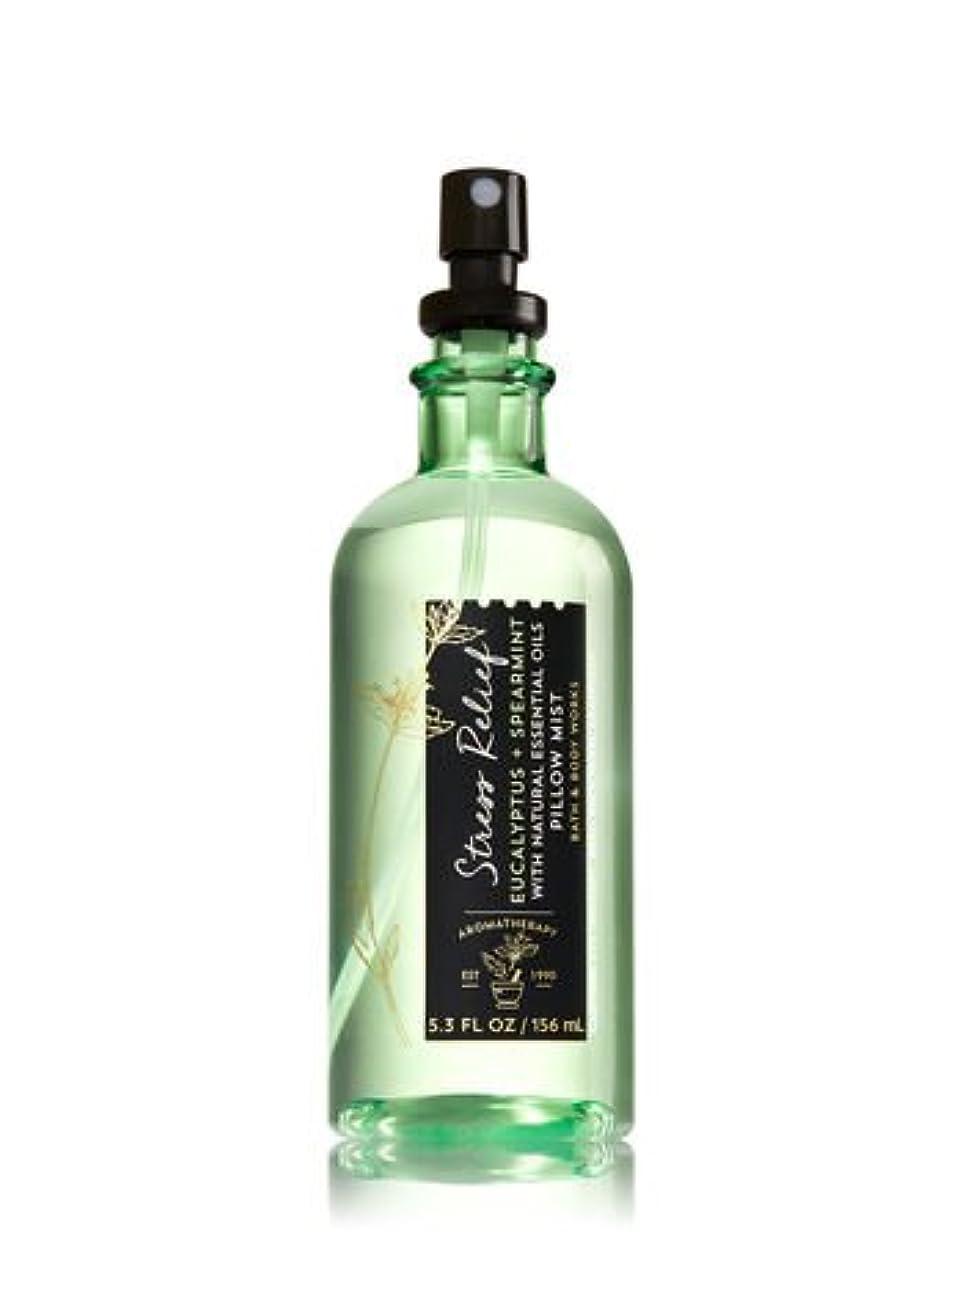 シフト端末徹底的に【Bath&Body Works/バス&ボディワークス】 ピローミスト アロマセラピー ストレスリリーフ ユーカリスペアミント Aromatherapy Pillow Mist Stress Relief Eucalyptus Spearmint 5.3 fl oz / 156 mL [並行輸入品]